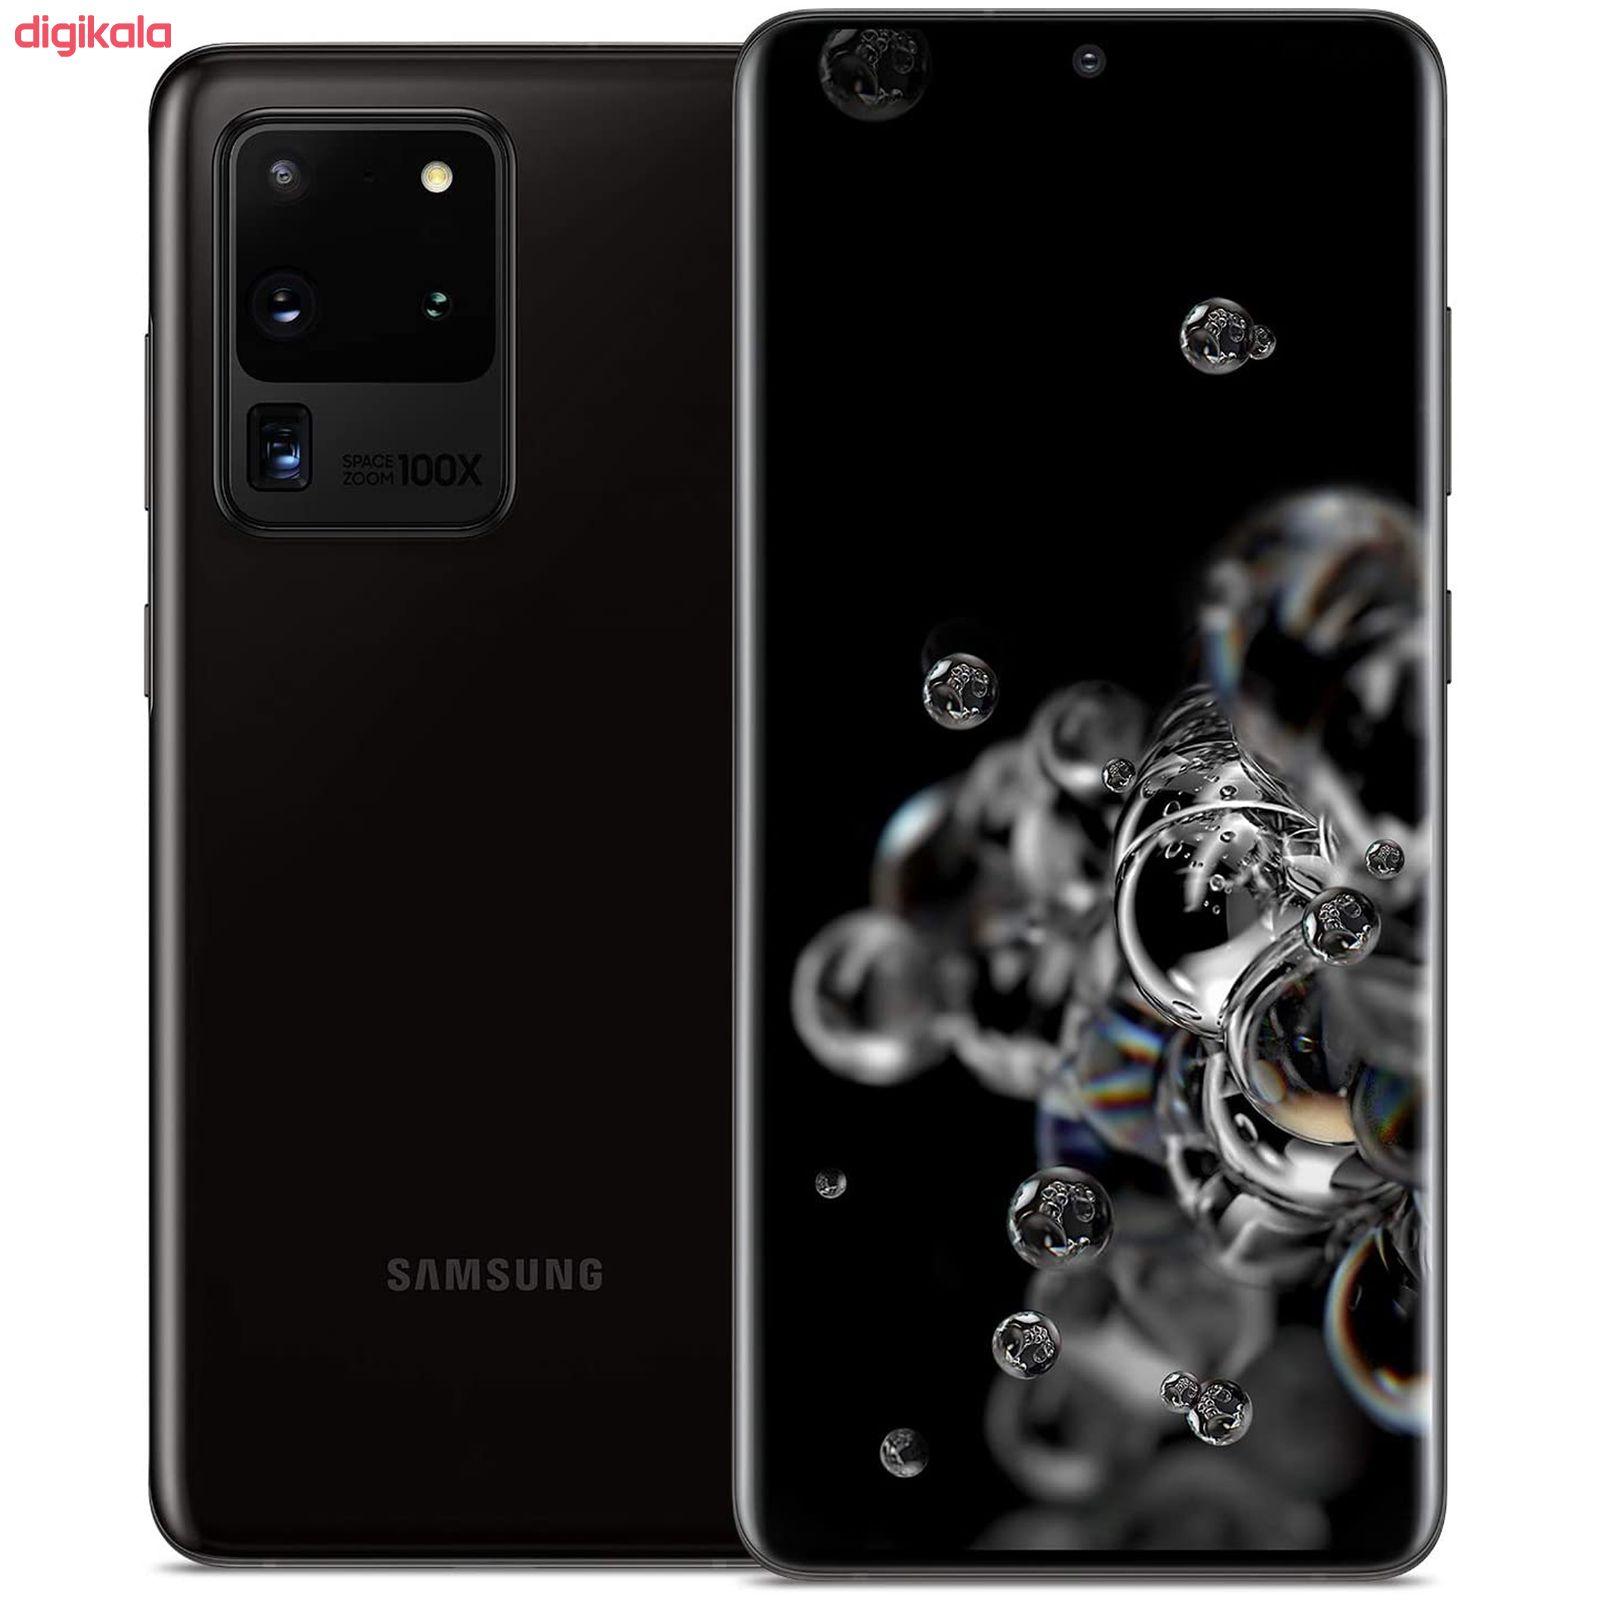 گوشی موبایل سامسونگ مدل  Galaxy S20 Ultra SM-G988B/DS دو سیم کارت ظرفیت 128 گیگابایت  main 1 6